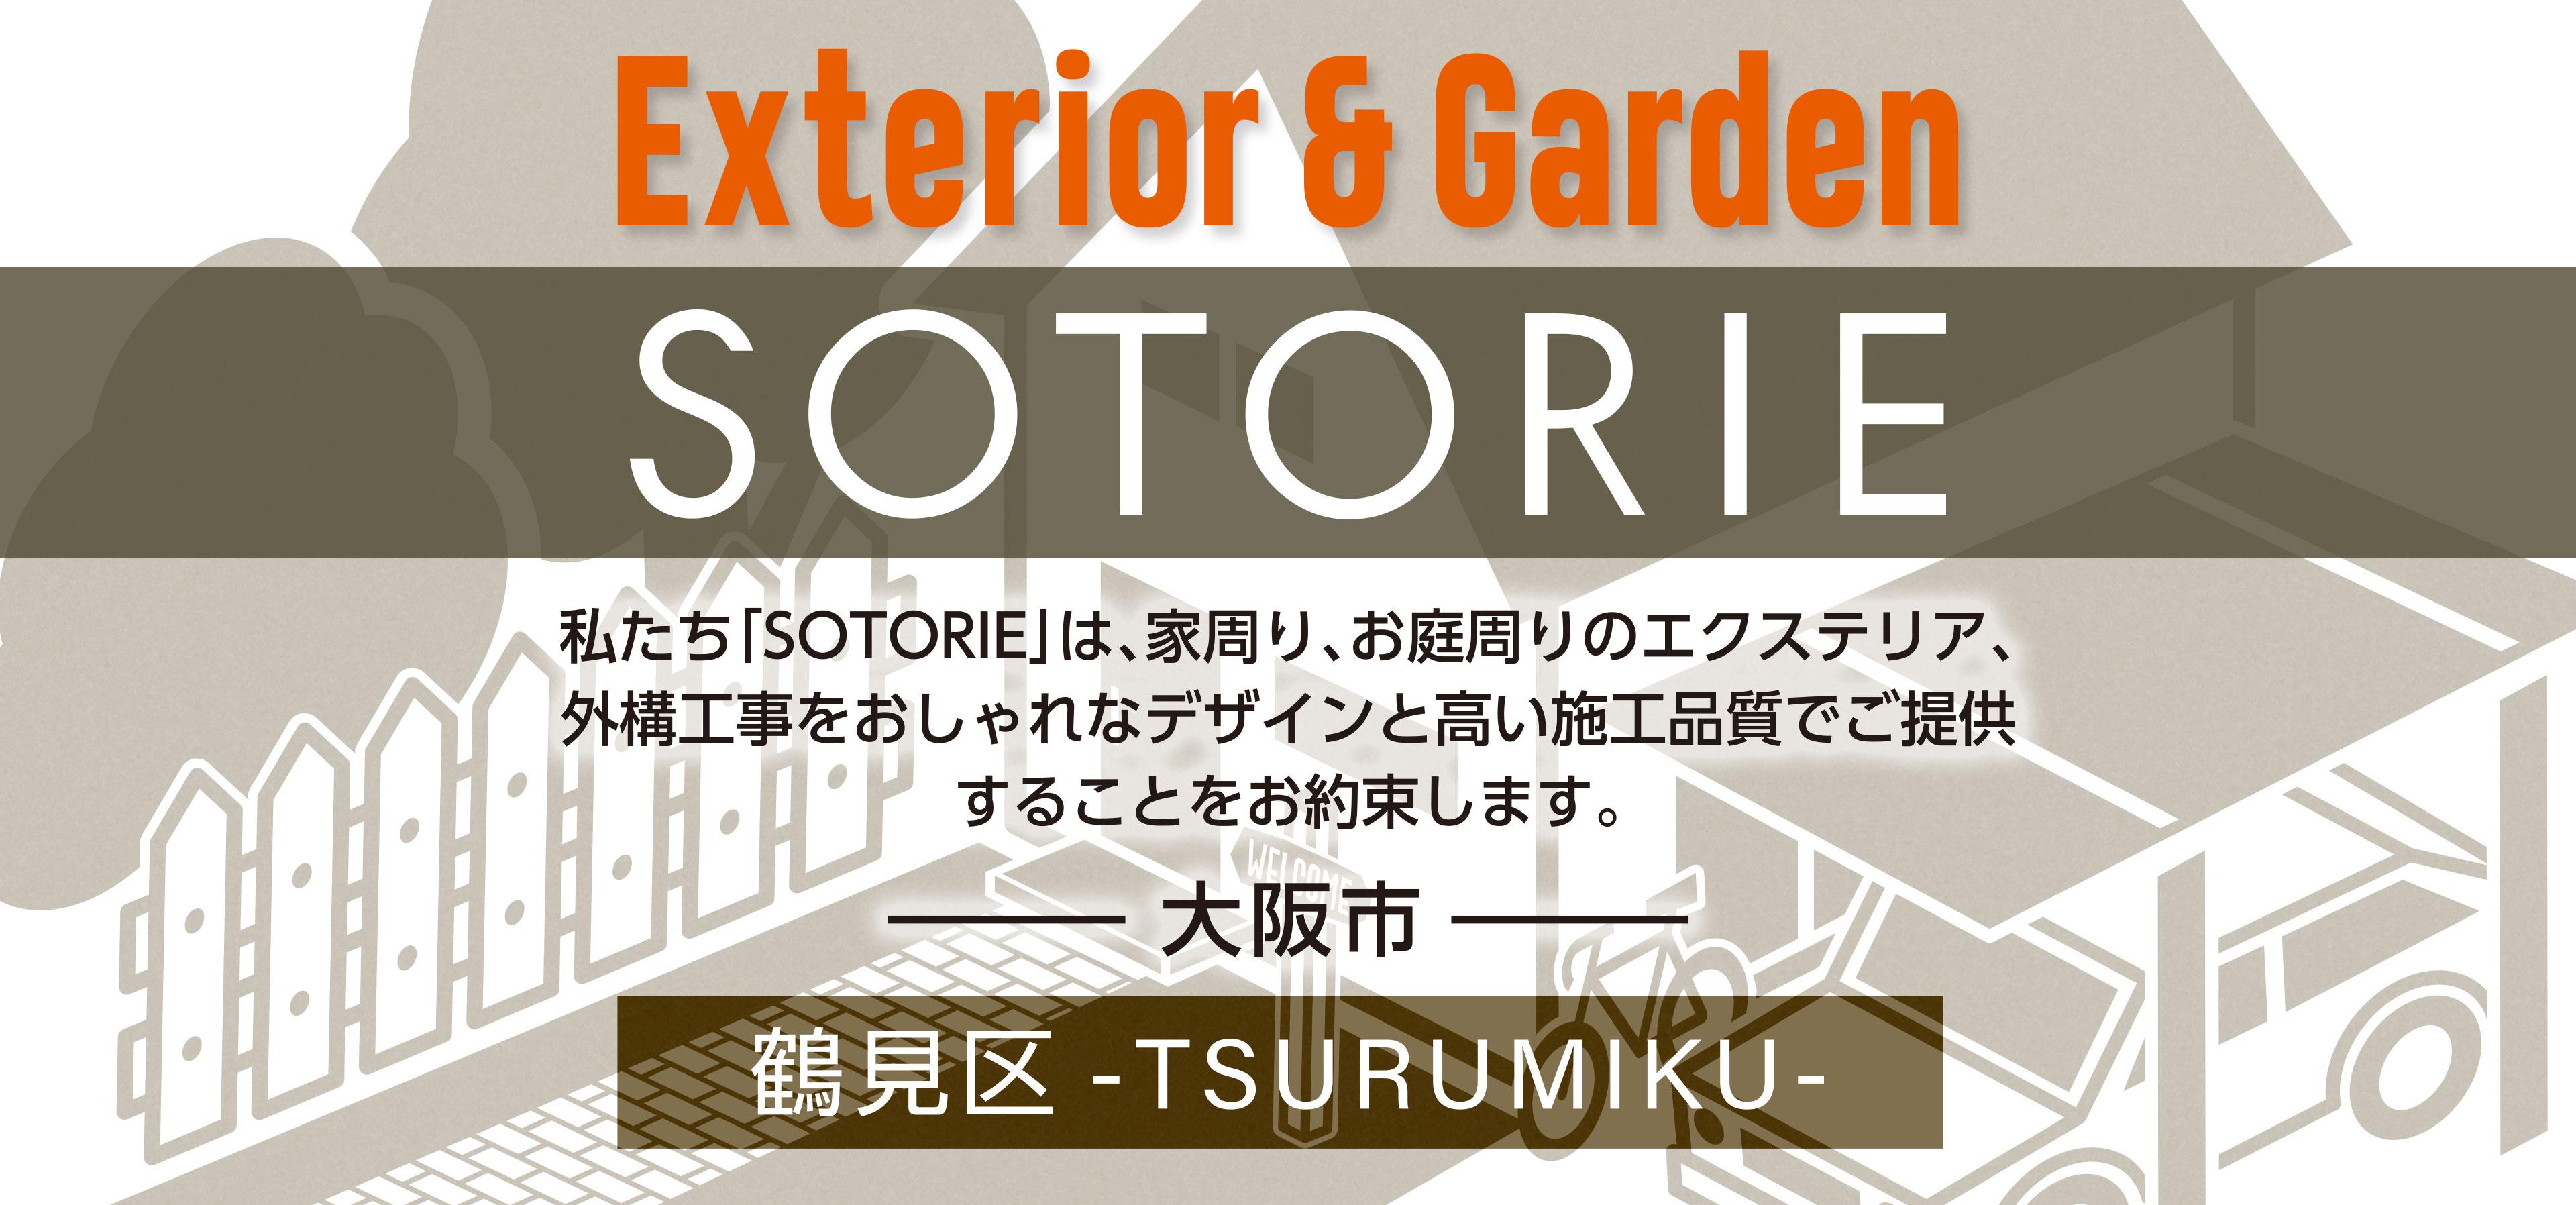 ソトリエ大阪市鶴見区では、家周りと庭周りの外構、エクステリア工事をおしゃれなデザインと高い施工品質でご提供することをお約束します。